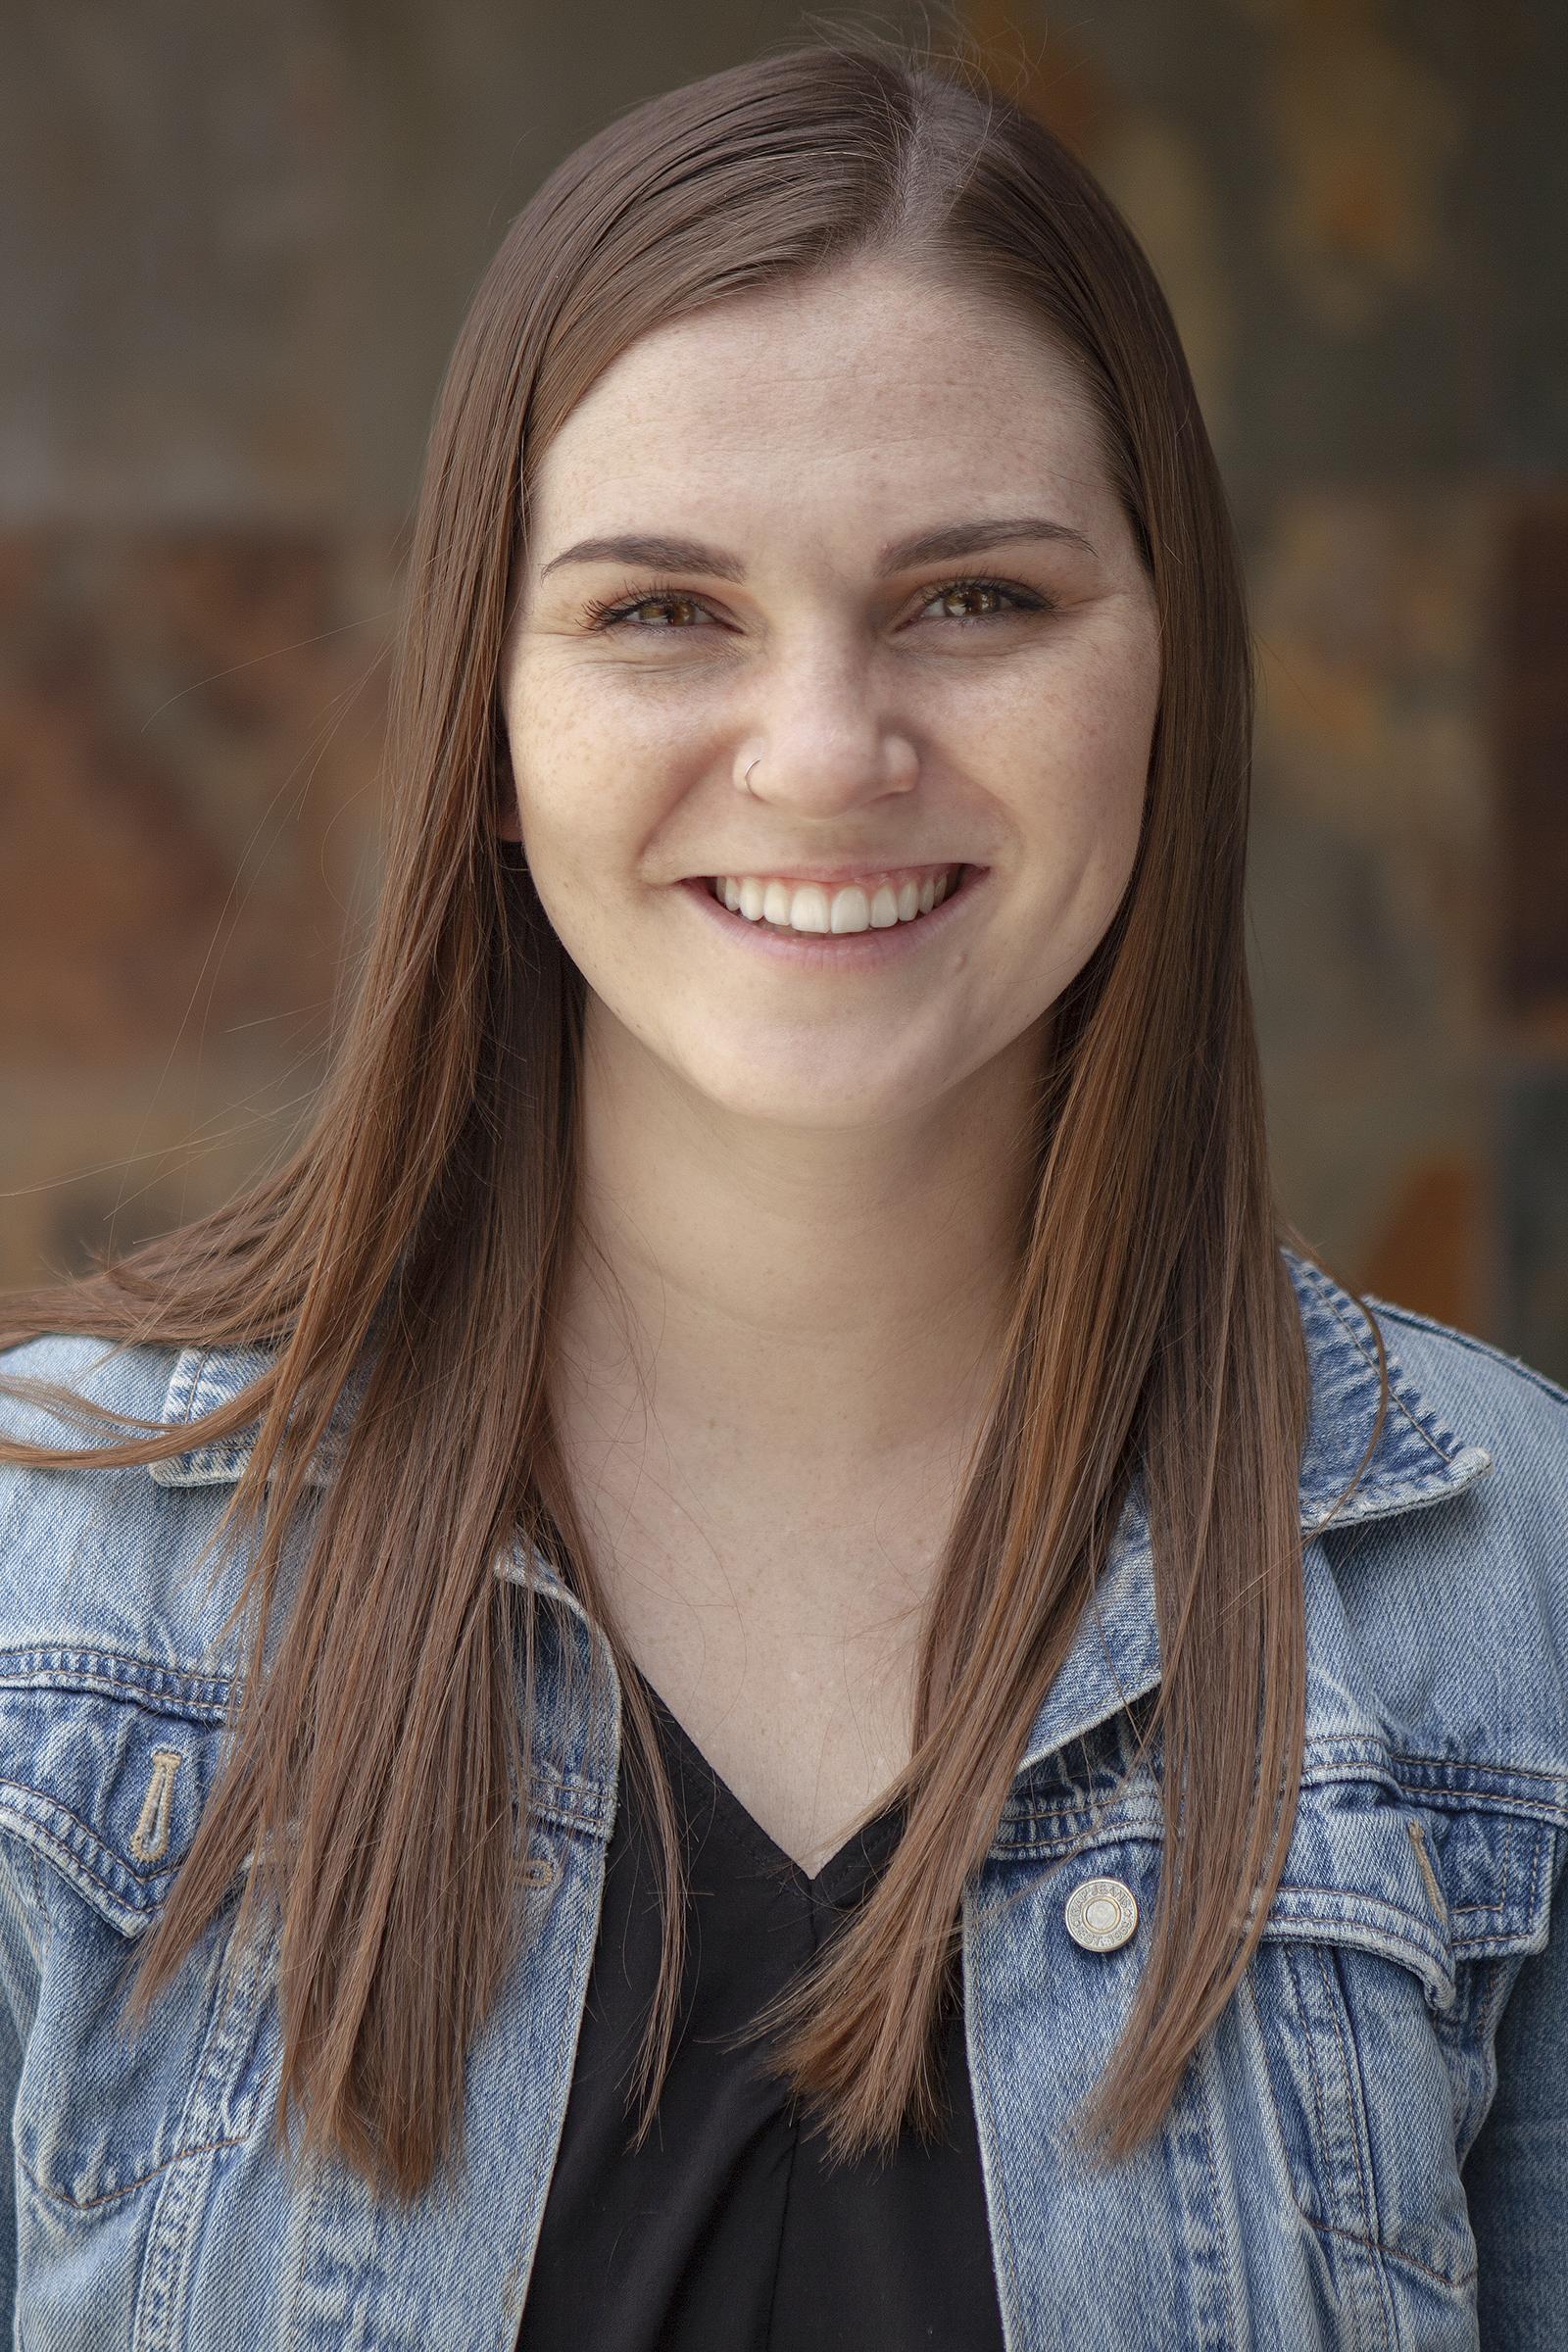 Amanda Collett